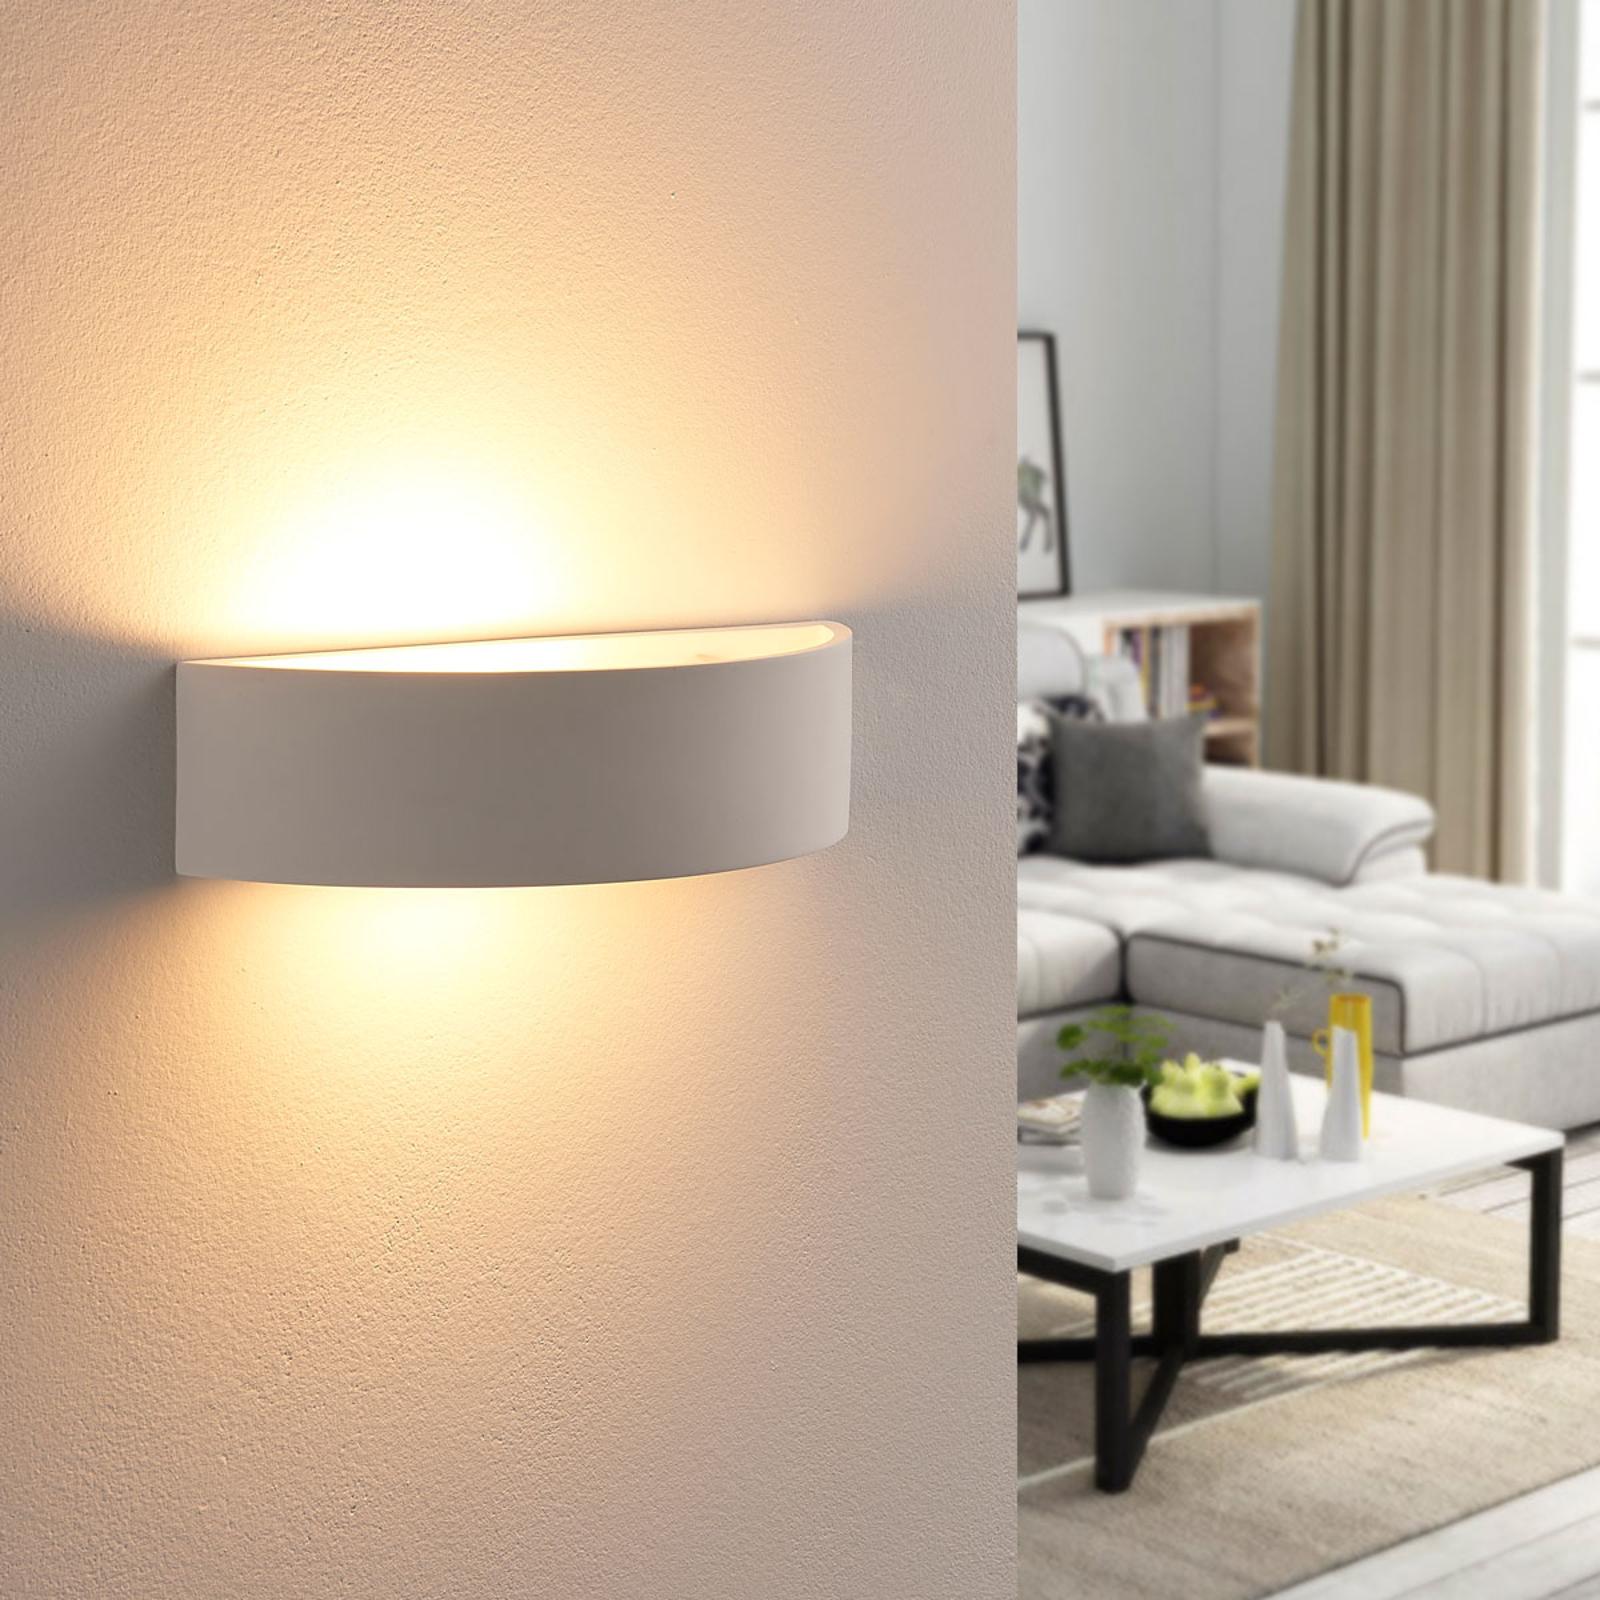 Puolipyöreä kipsiseinävalaisin Aurel, Easydim-LED